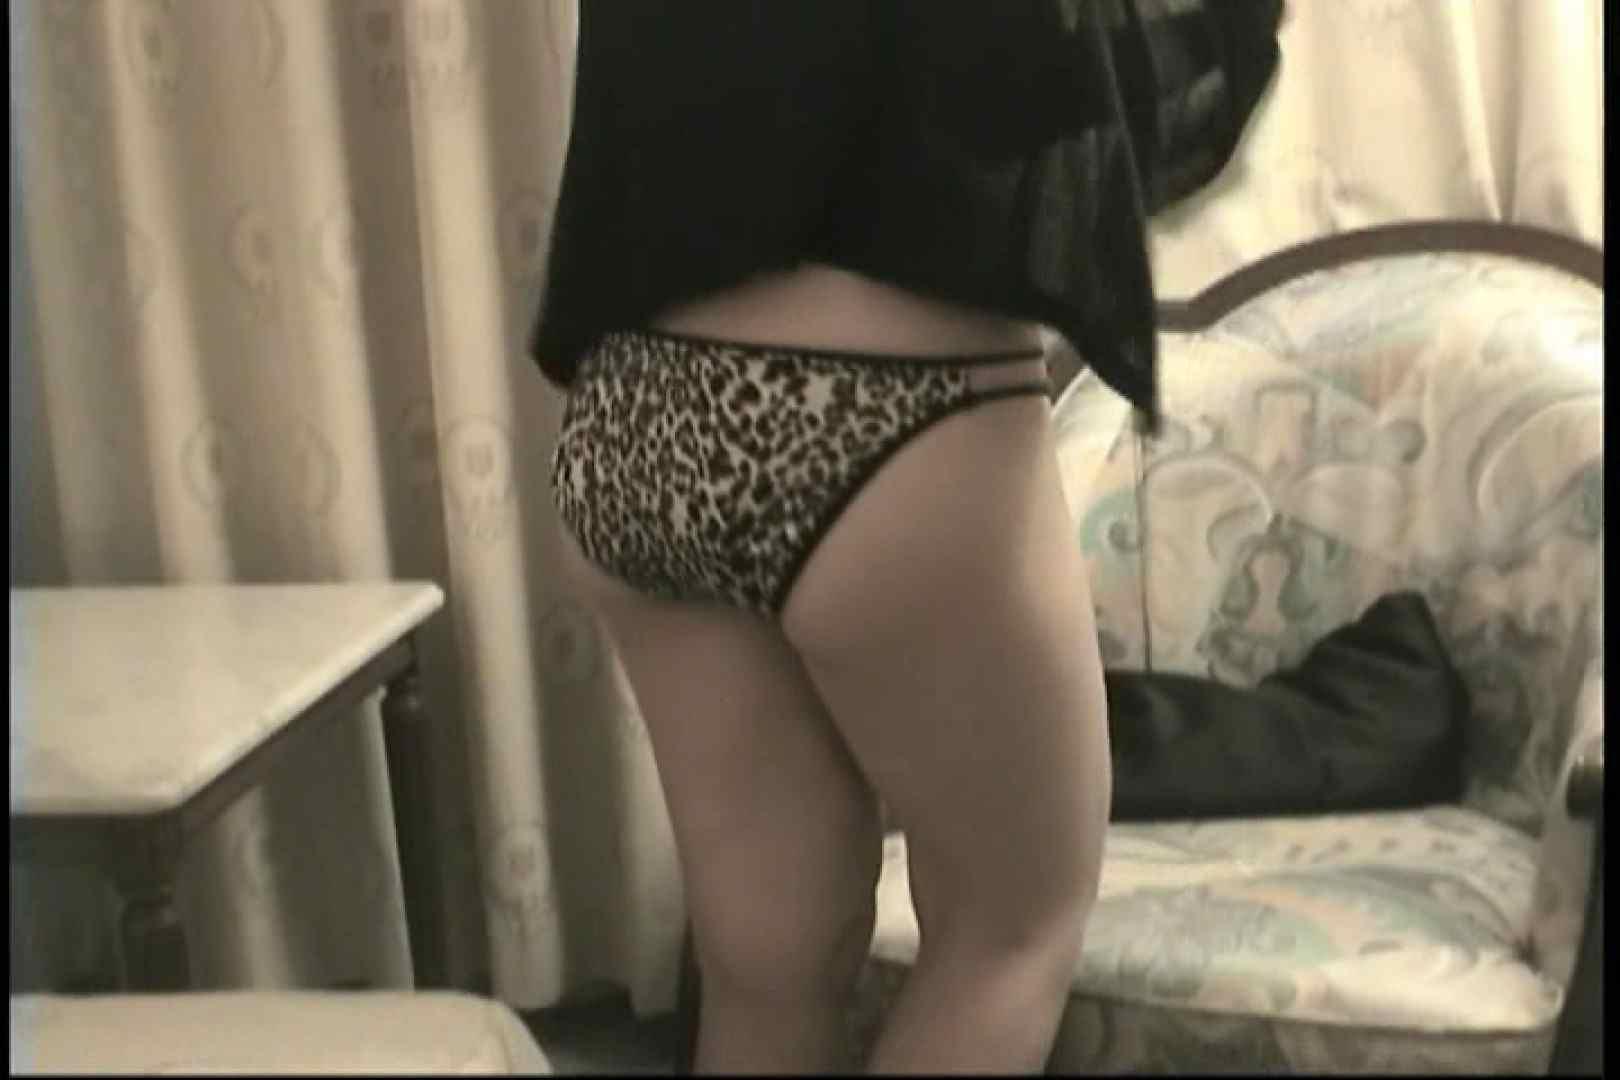 H大好きな清楚系の美ボディお姉さんとホテルでSEX~安西みか~ エッチすぎるお姉さん  47連発 6